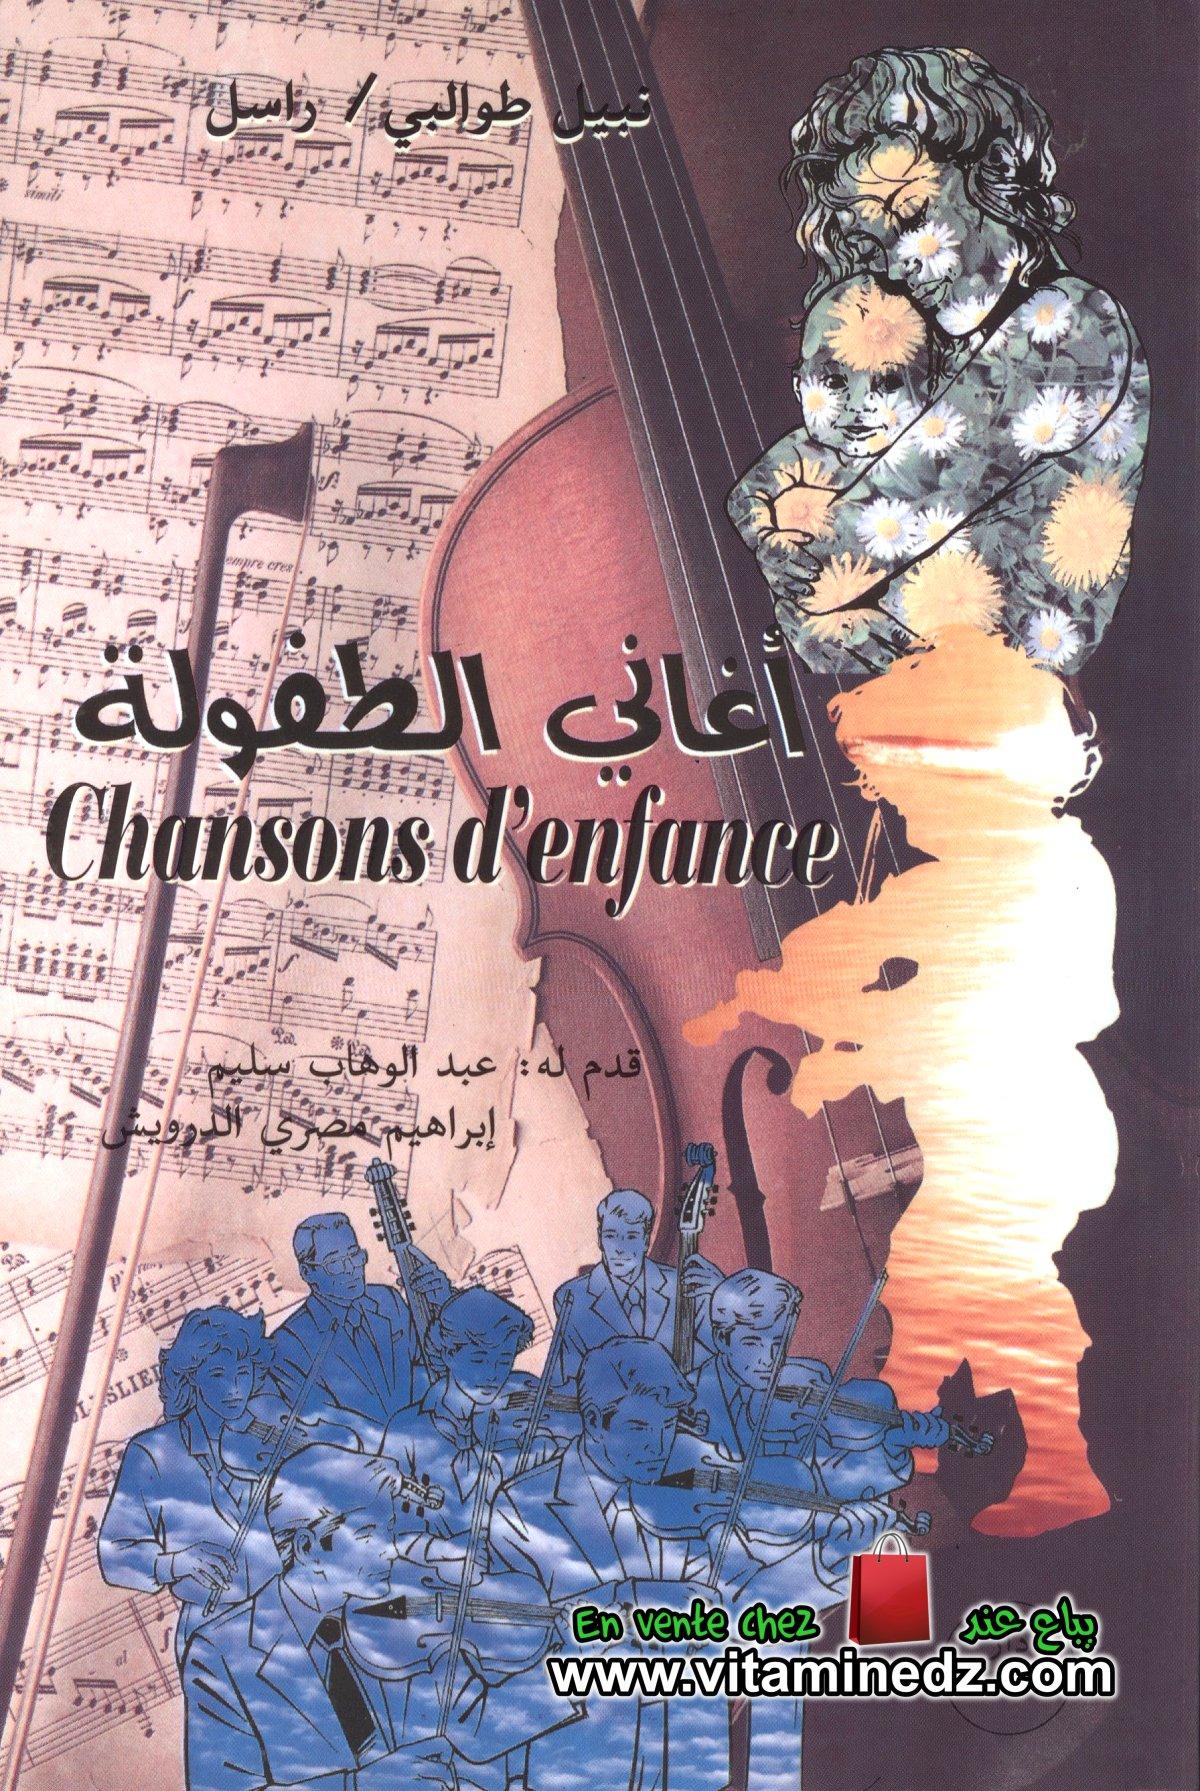 Nabil Toualbi - Chansons d'enfance